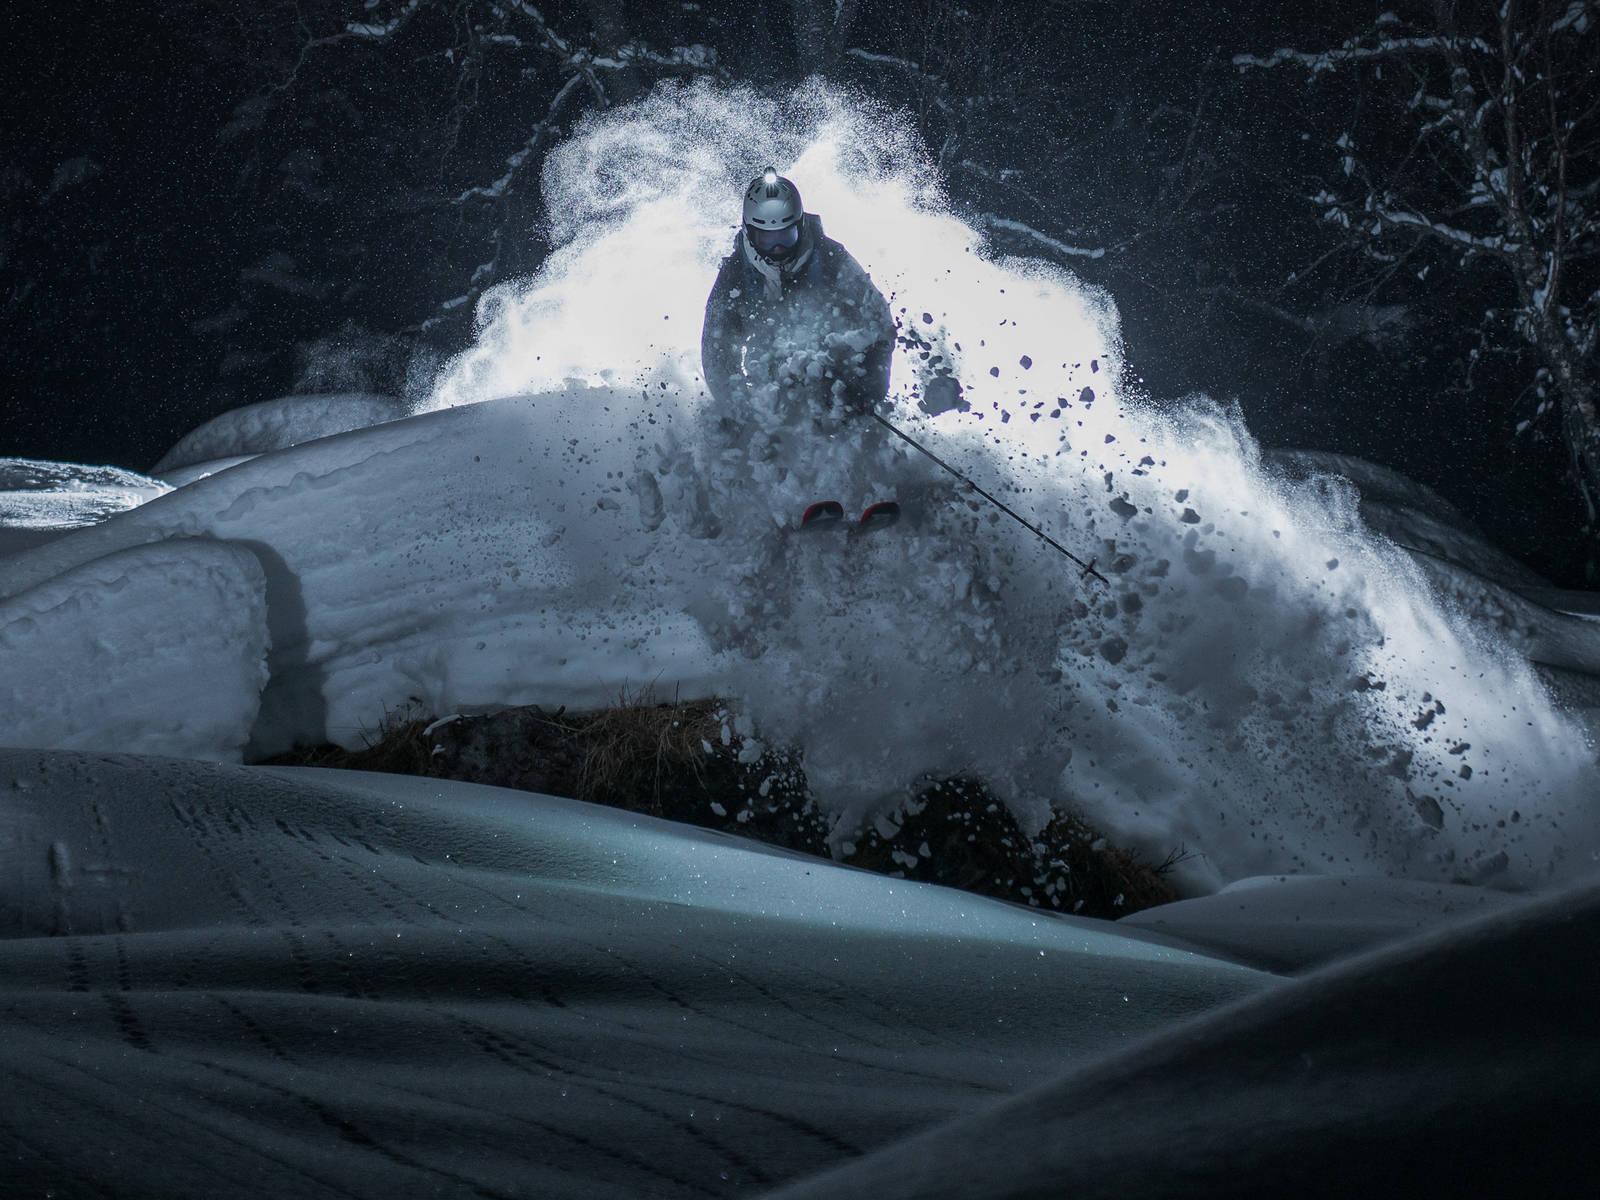 Kveldskjøring hodelykt Knut-Hendrik Lajord. Foto: Vegard Aasen